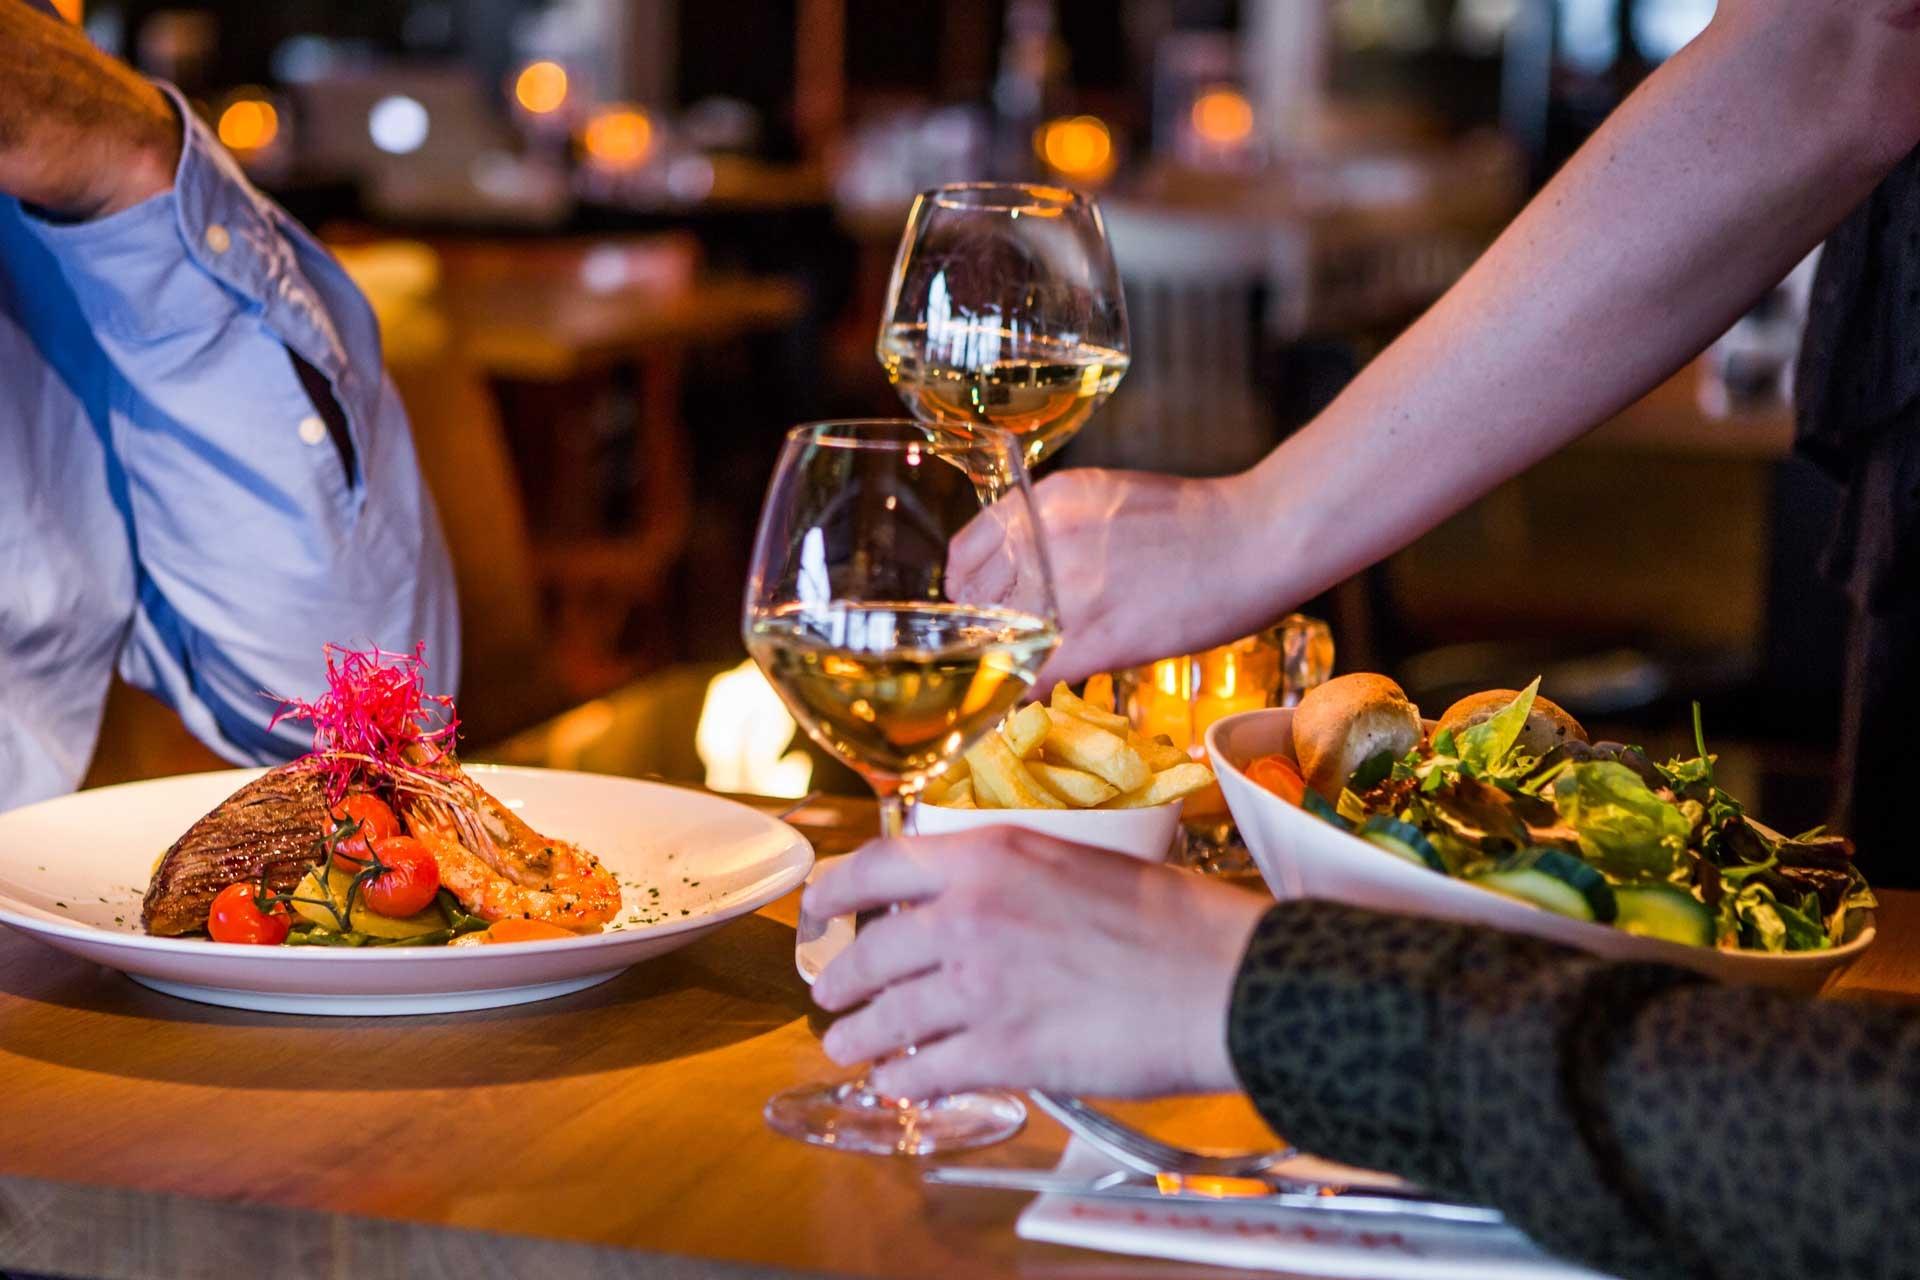 Dineren op Scheveningen - De menukaart van Grandcafé Binnen bestaat uit vis-, vlees-, en vegetarische gerechten. De keuze is zeer uitgebreid. Van een Surf&Turf met runderhaas en gamba's tot een heerlijk frisse Ceasarsalade. Speciaal voor onze kleine gasten hebben wij een aantal kindergerechten.We serveren dagelijks het diner vanaf 17:00 uur. Bent u met een groter gezelschap dan is Grandcafe Binnen ook de perfecte locatie. Ons Grandcafe is gevestigd aan de boulevard, onder het Kurhaus.Reserveren is niet noodzakelijk. Gaat u een avondje naar het theater, dan houden wij daar uiteraard rekening mee. Wij kunnen u bijvoorbeeld adviseren over het aantal gangen dat u bij ons kunt bestellen. Geeft u dit wel van tevoren bij ons aan.We hopen u en uw gezelschap graag te mogen verwelkomen.